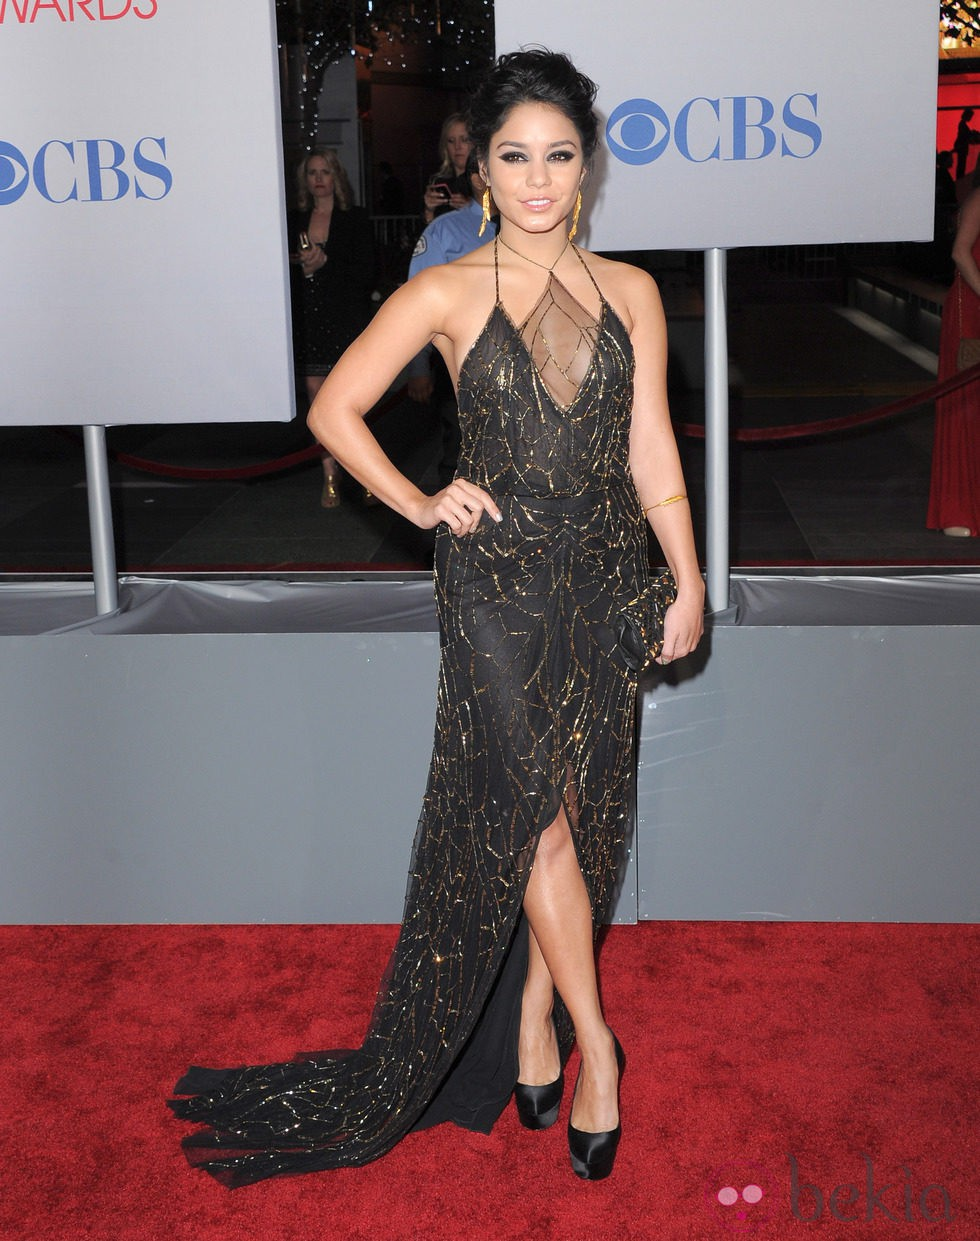 Vanessa Hudgens con un maquillaje smookey eyes en los People's Choice Awards